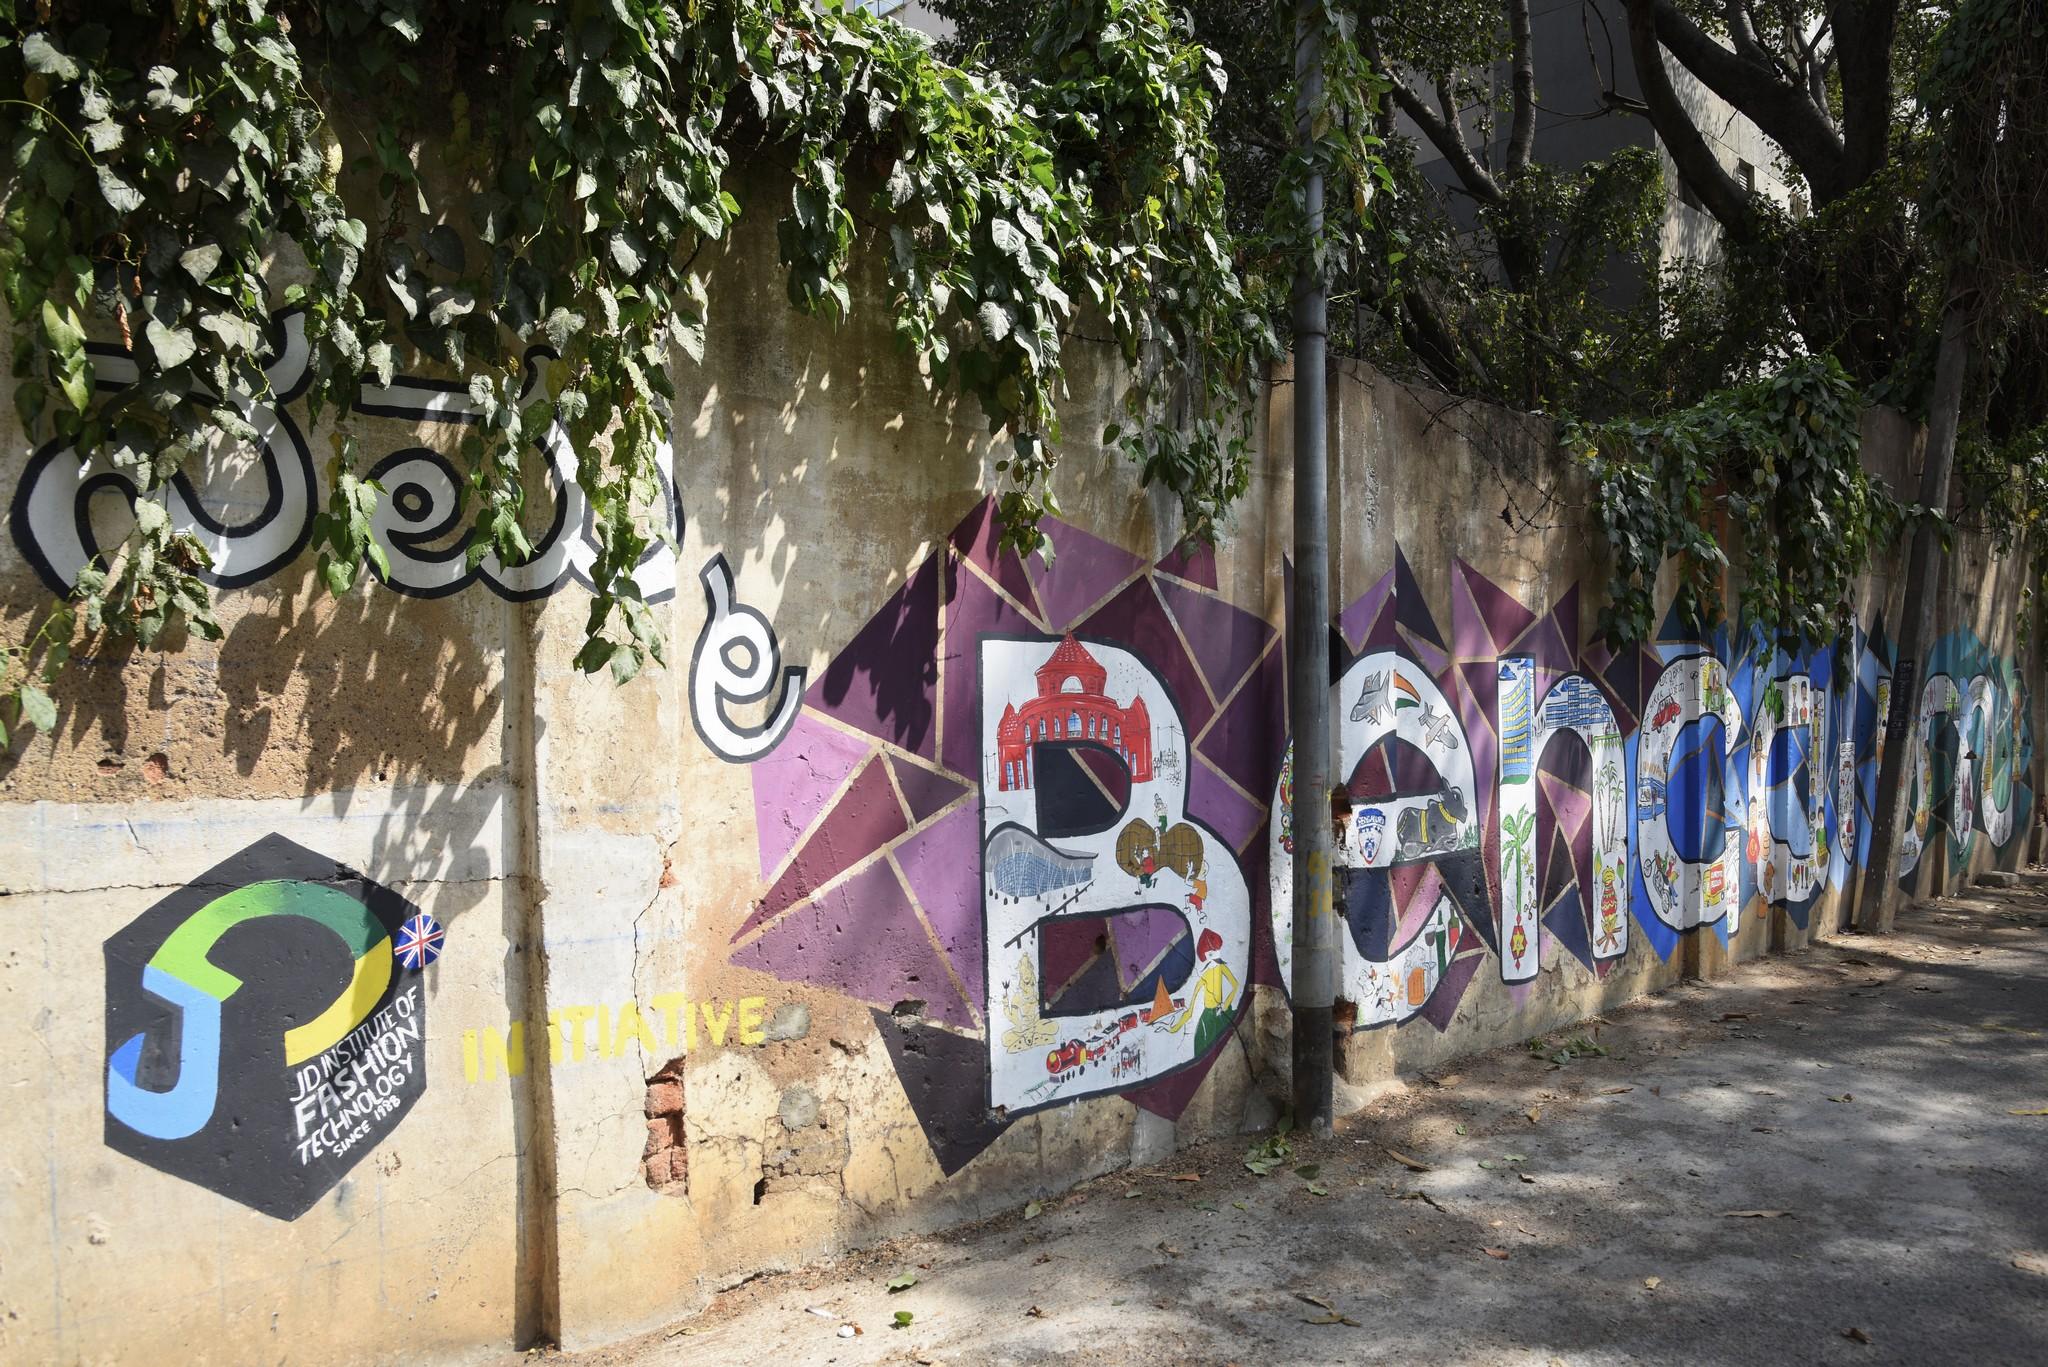 Namma Bengaluru – Wall art by students of JD Institute namma bengaluru - Namma Bengaluru 1 - Namma Bengaluru – Wall art by students of JD Institute